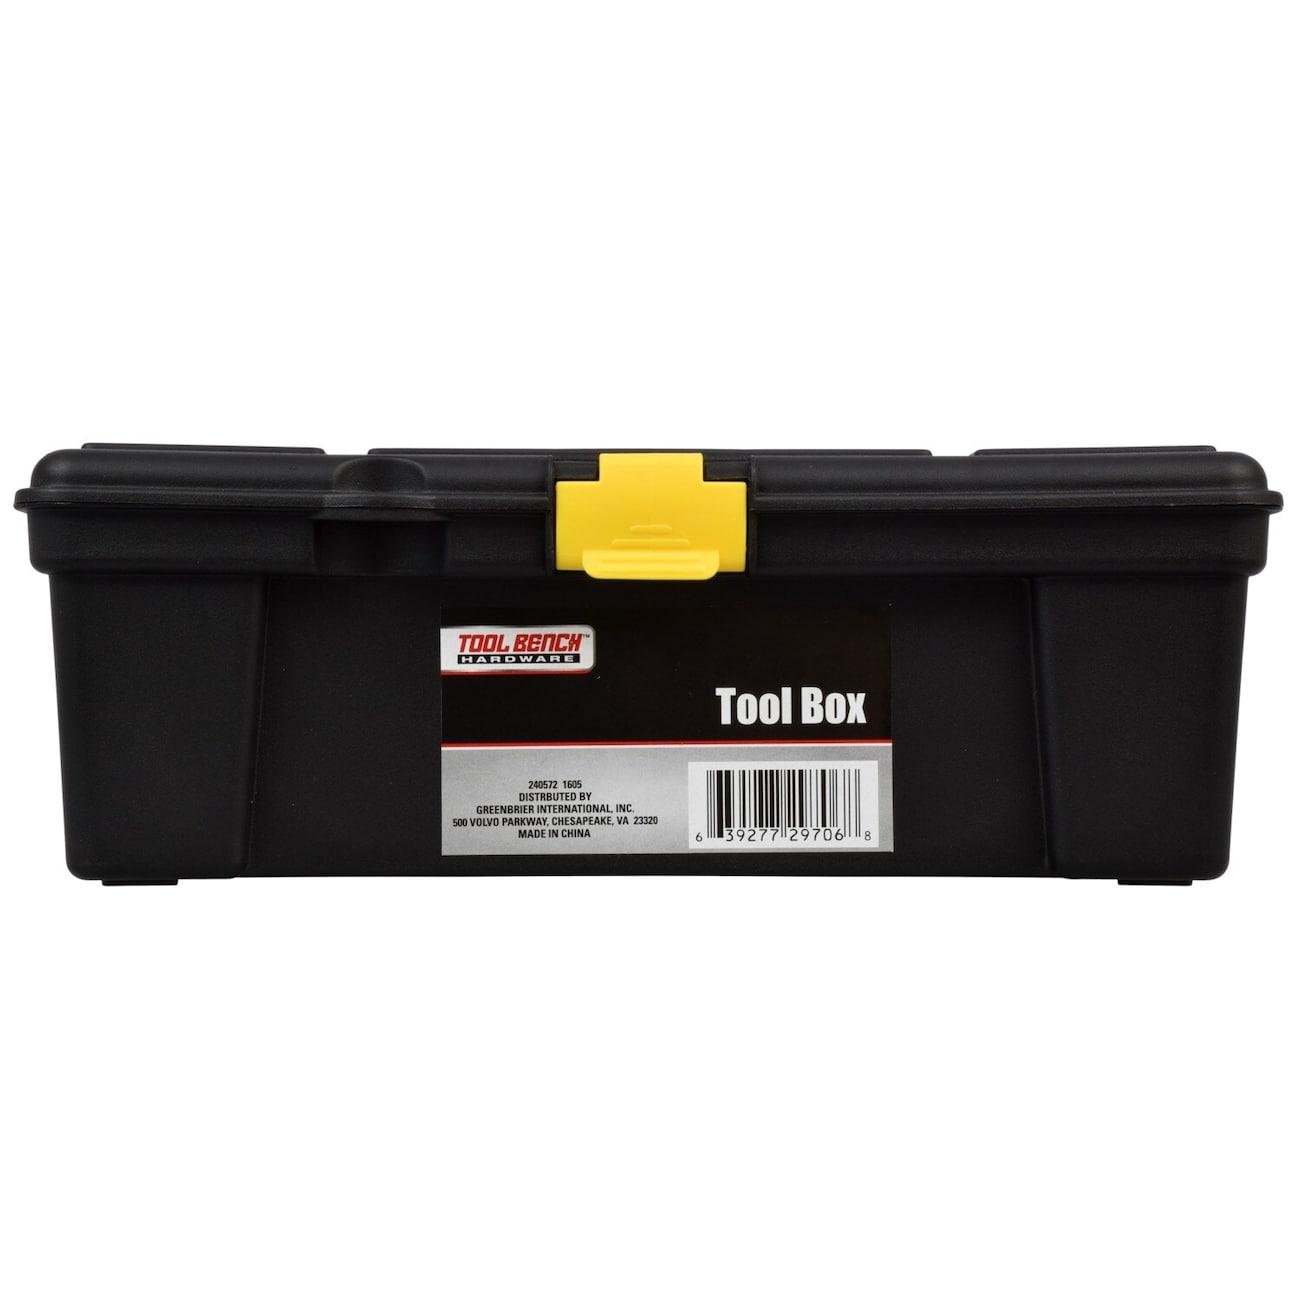 12e62fa7514e8 Tool Bench Hardware Tool Boxes